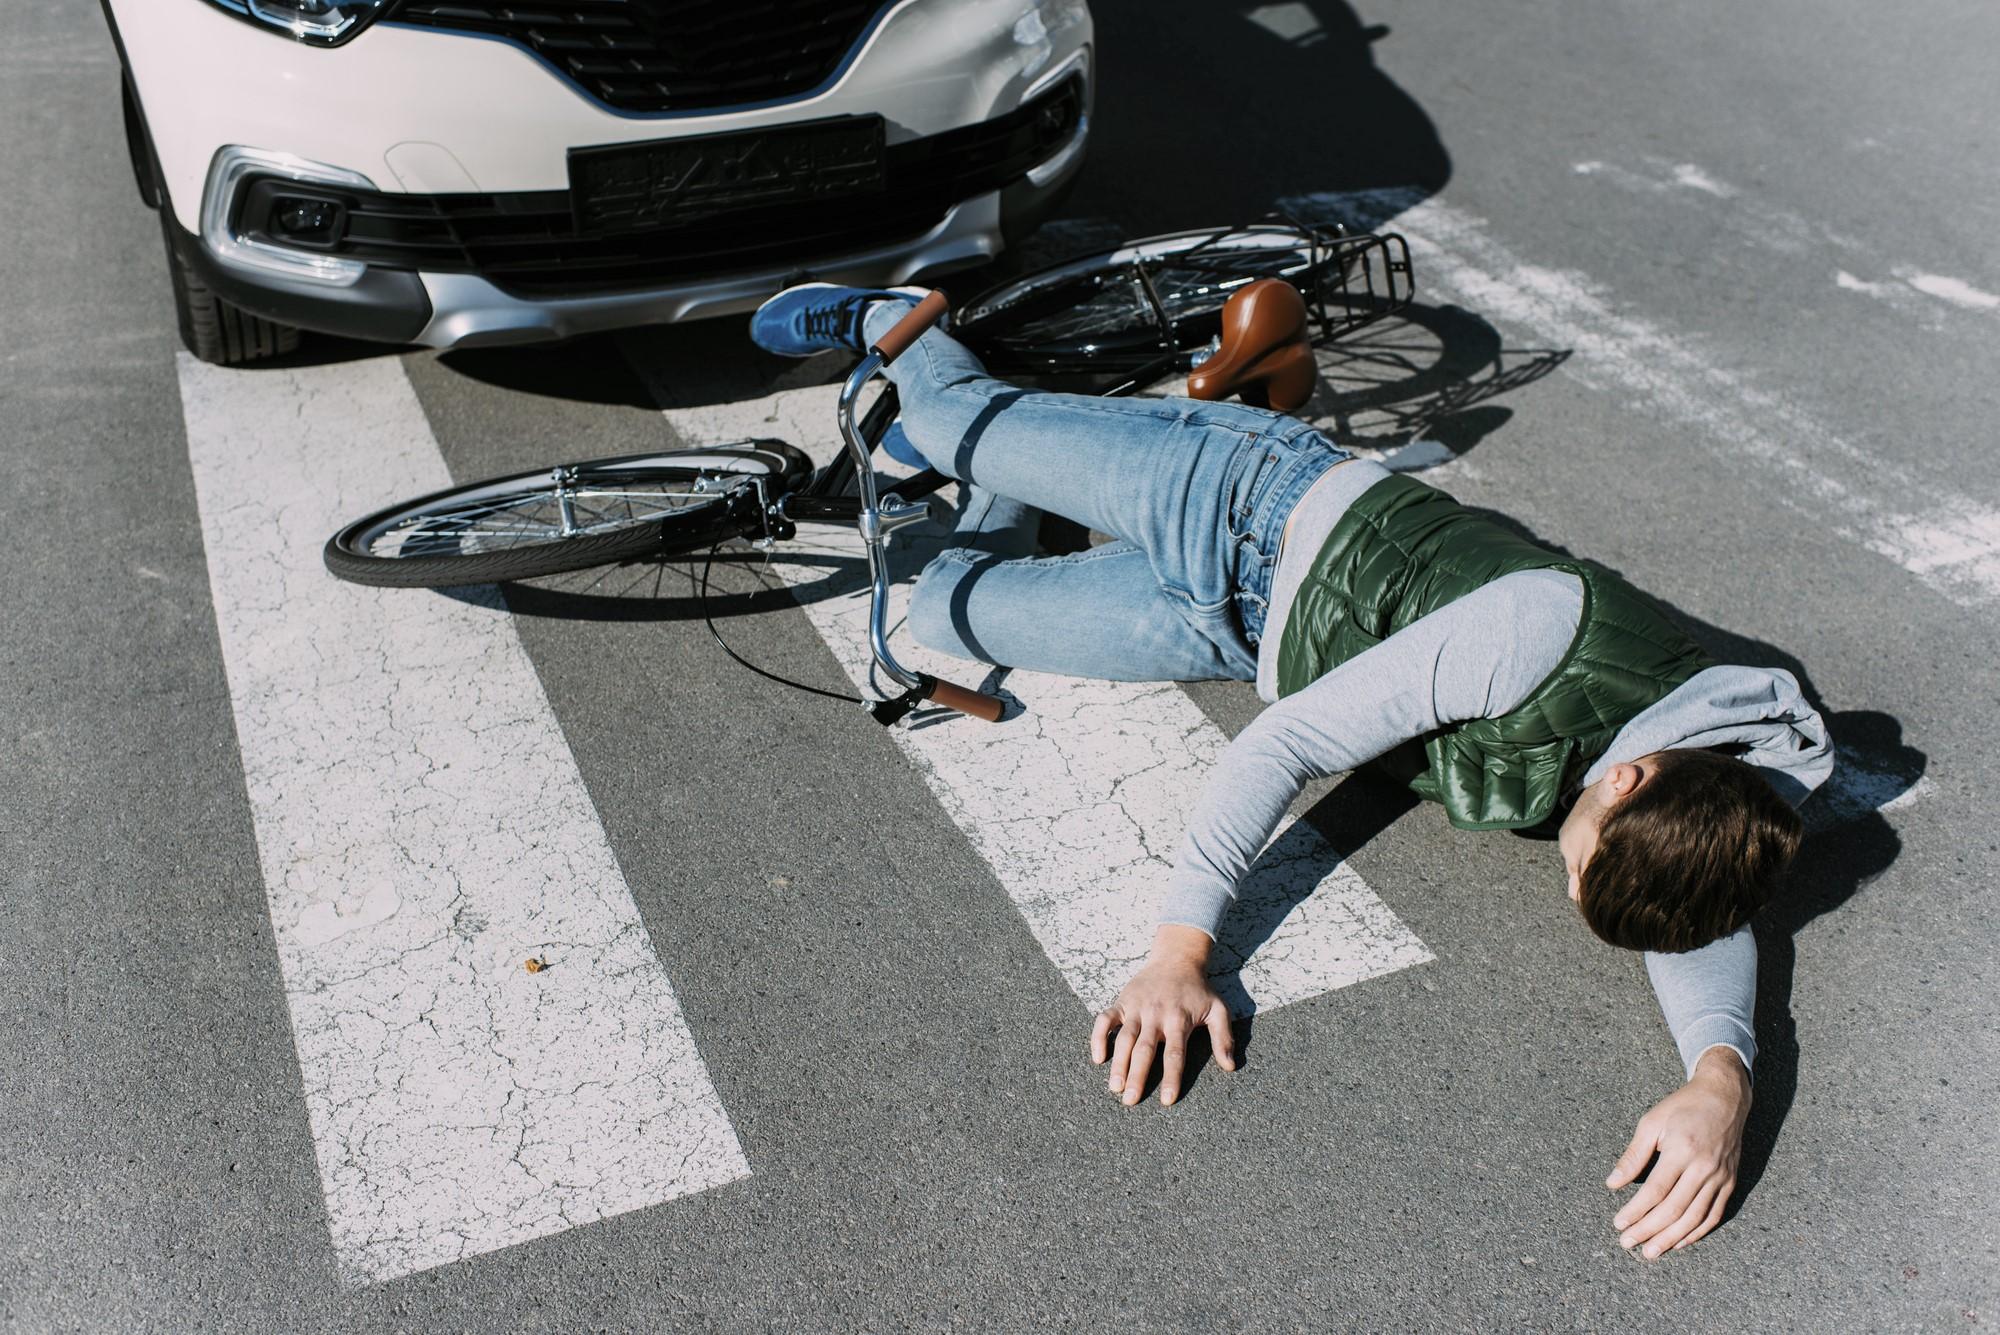 Bicycle accident lawyer - Philadelphia, PA